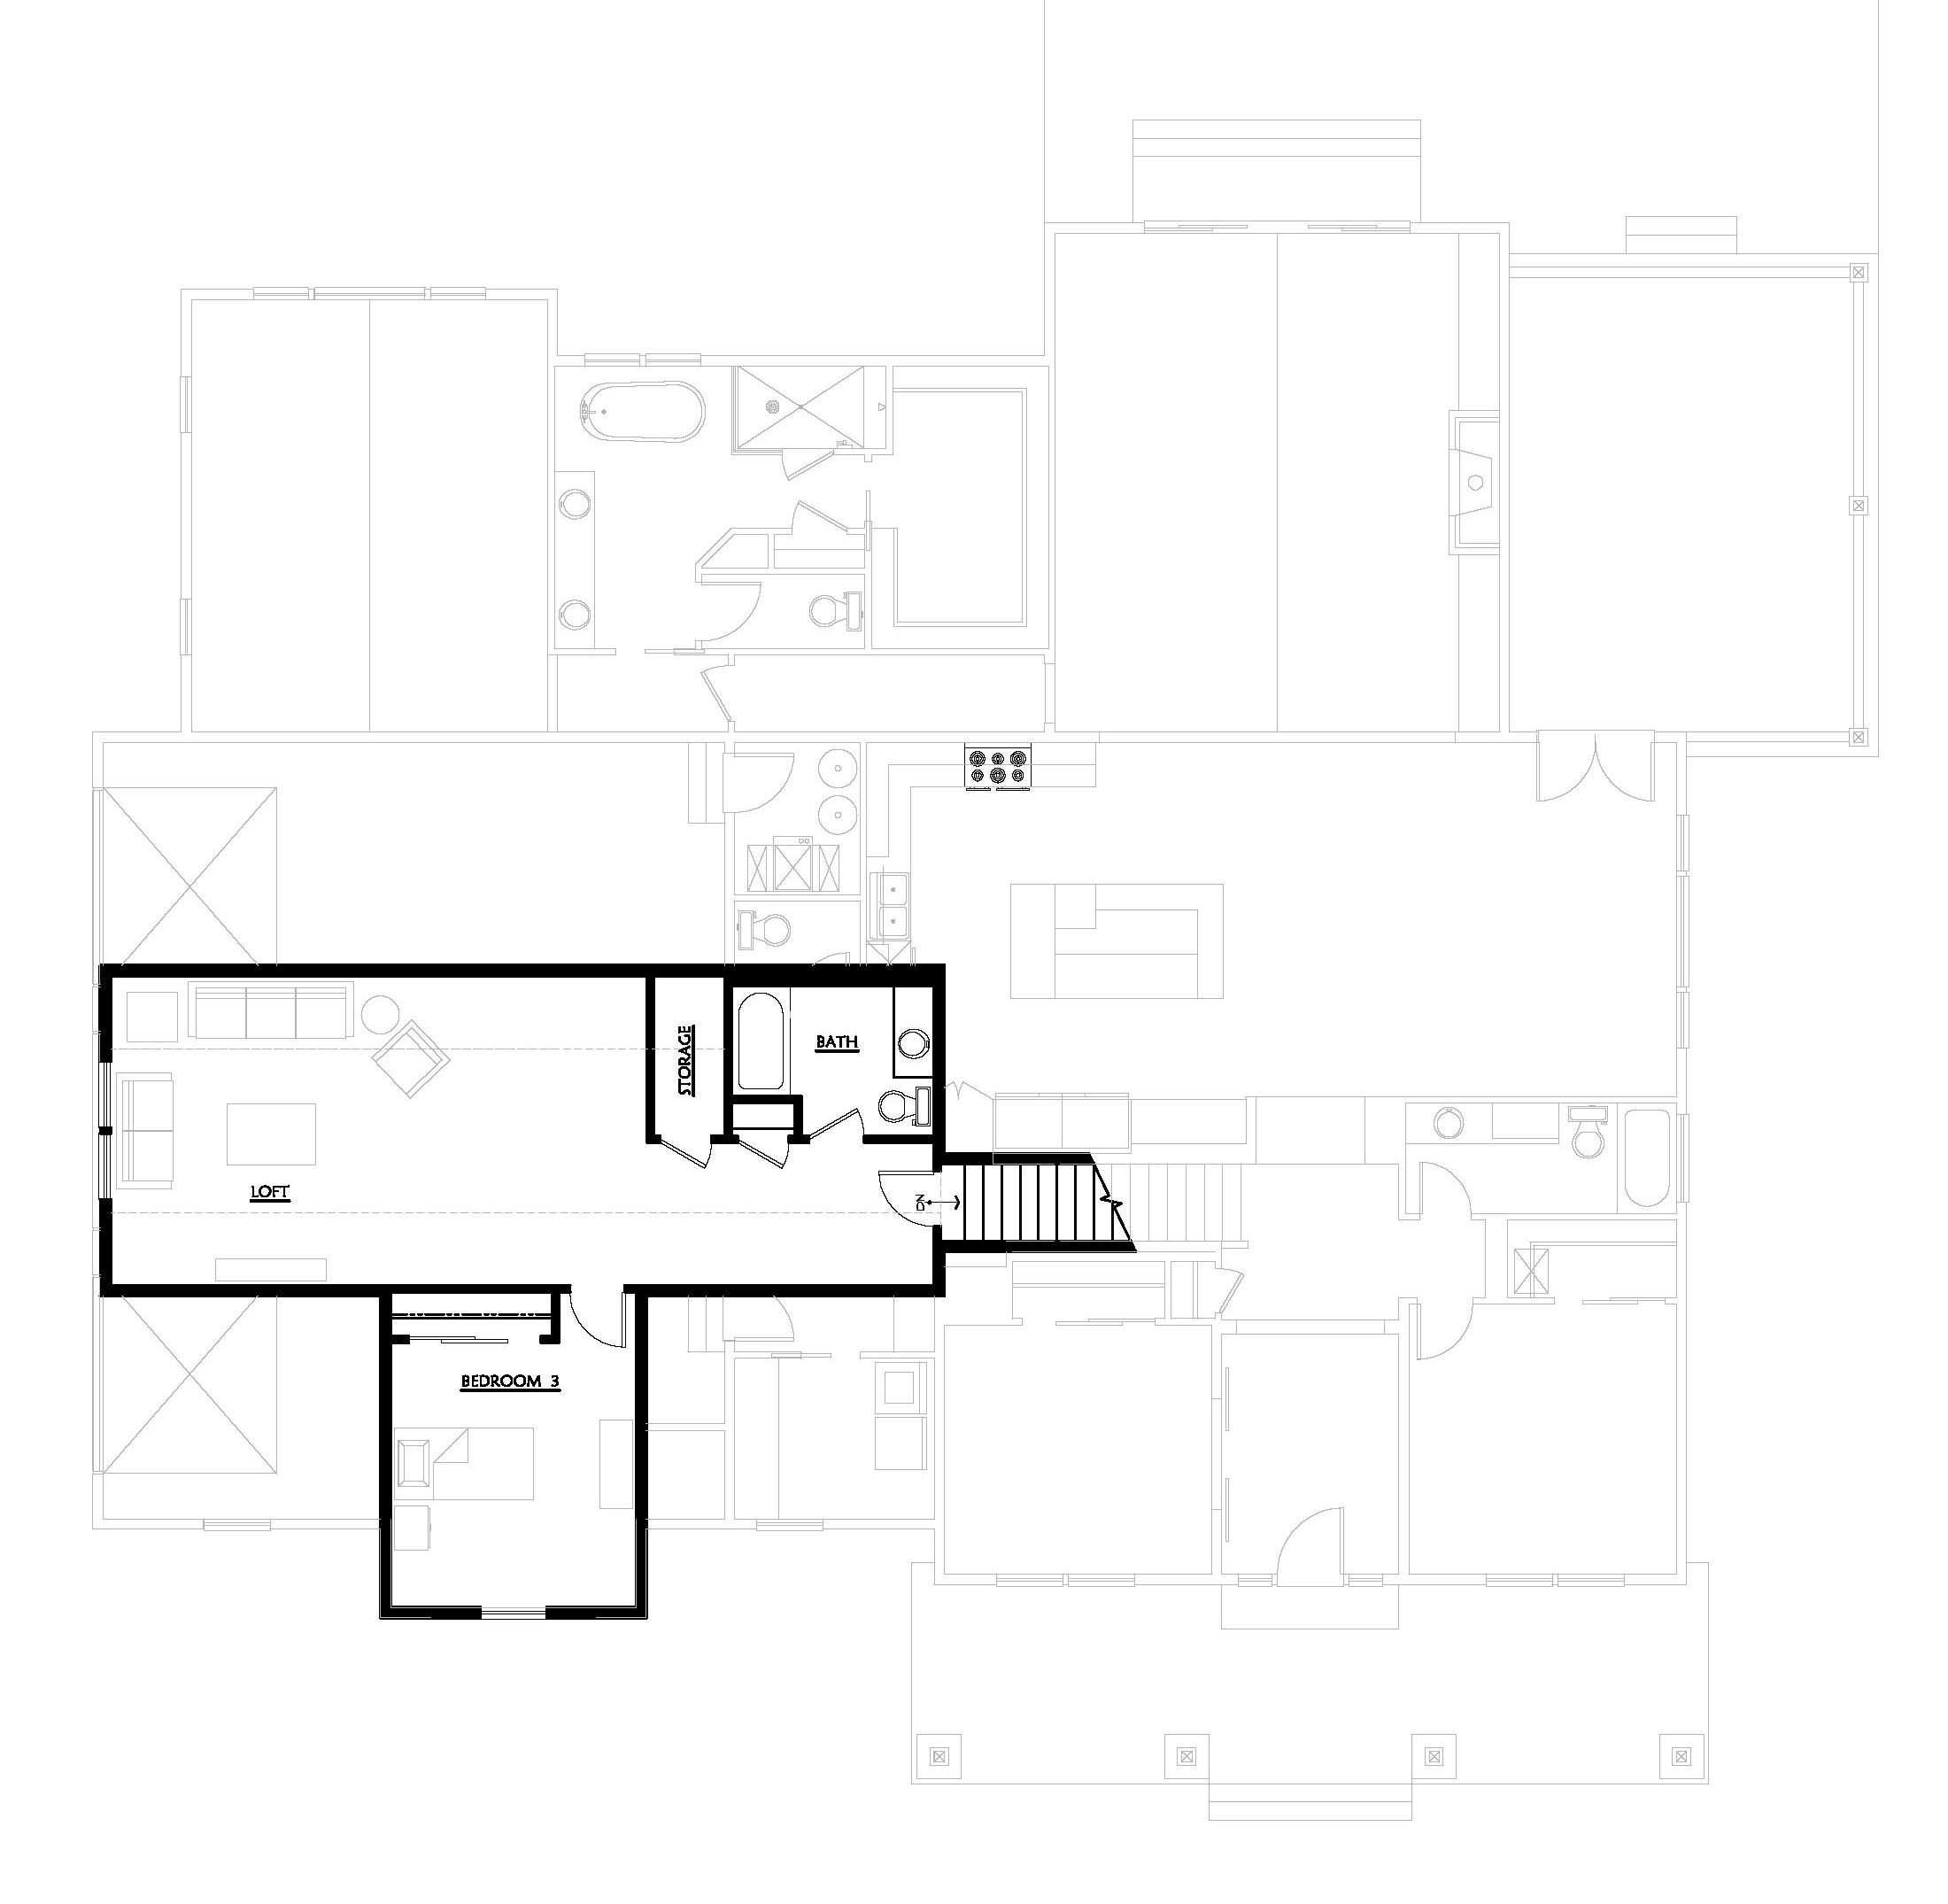 Broder Marketing Floor Plan - UF.jpg